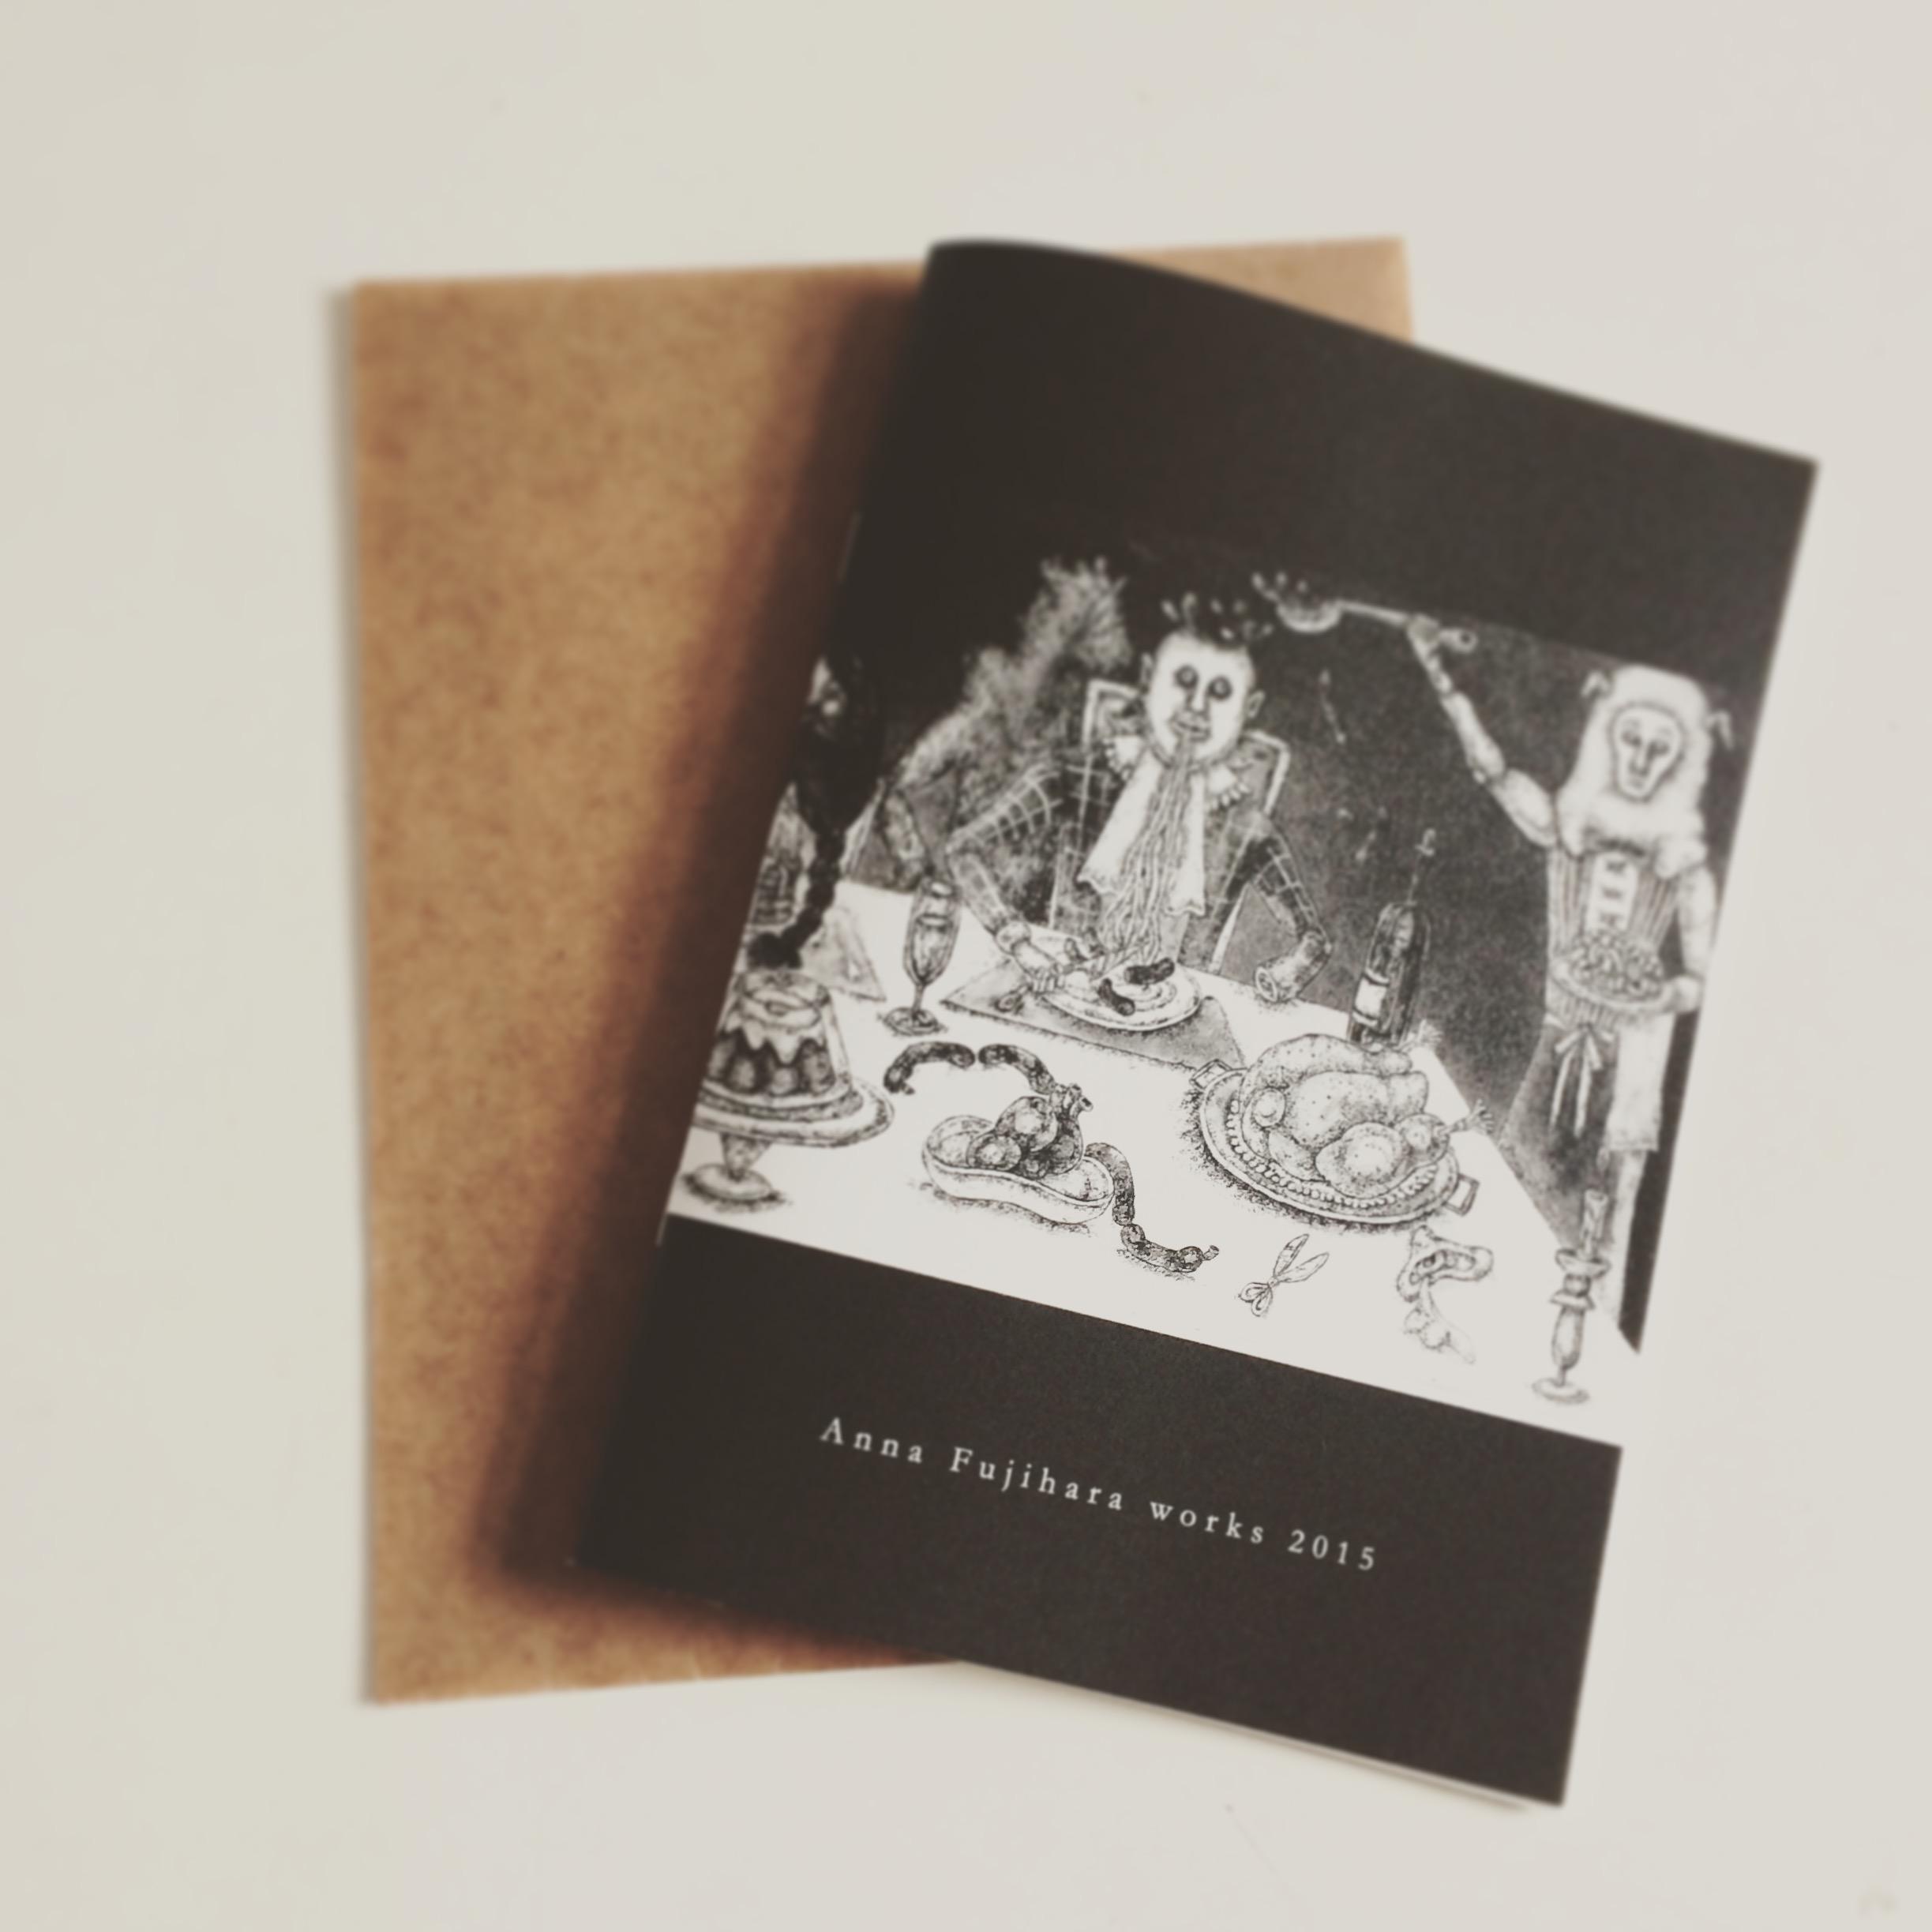 annafujihara booklet